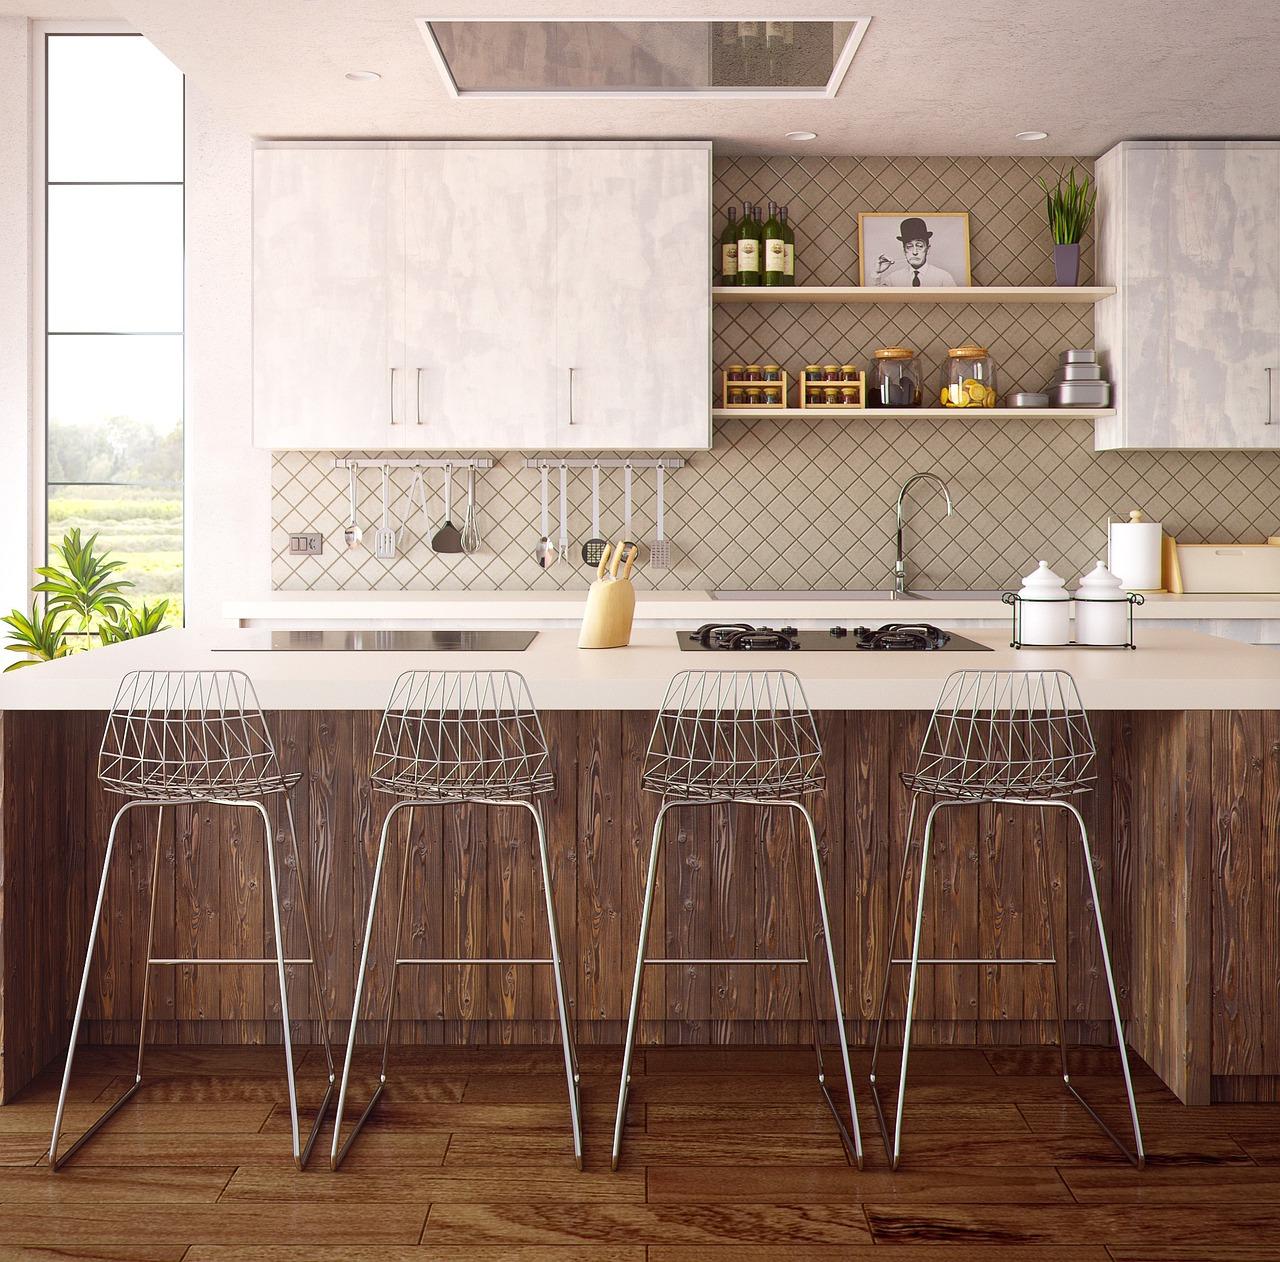 Idealna zabudowa kuchenna. Jak dobrać wymiary szafek i blatów?